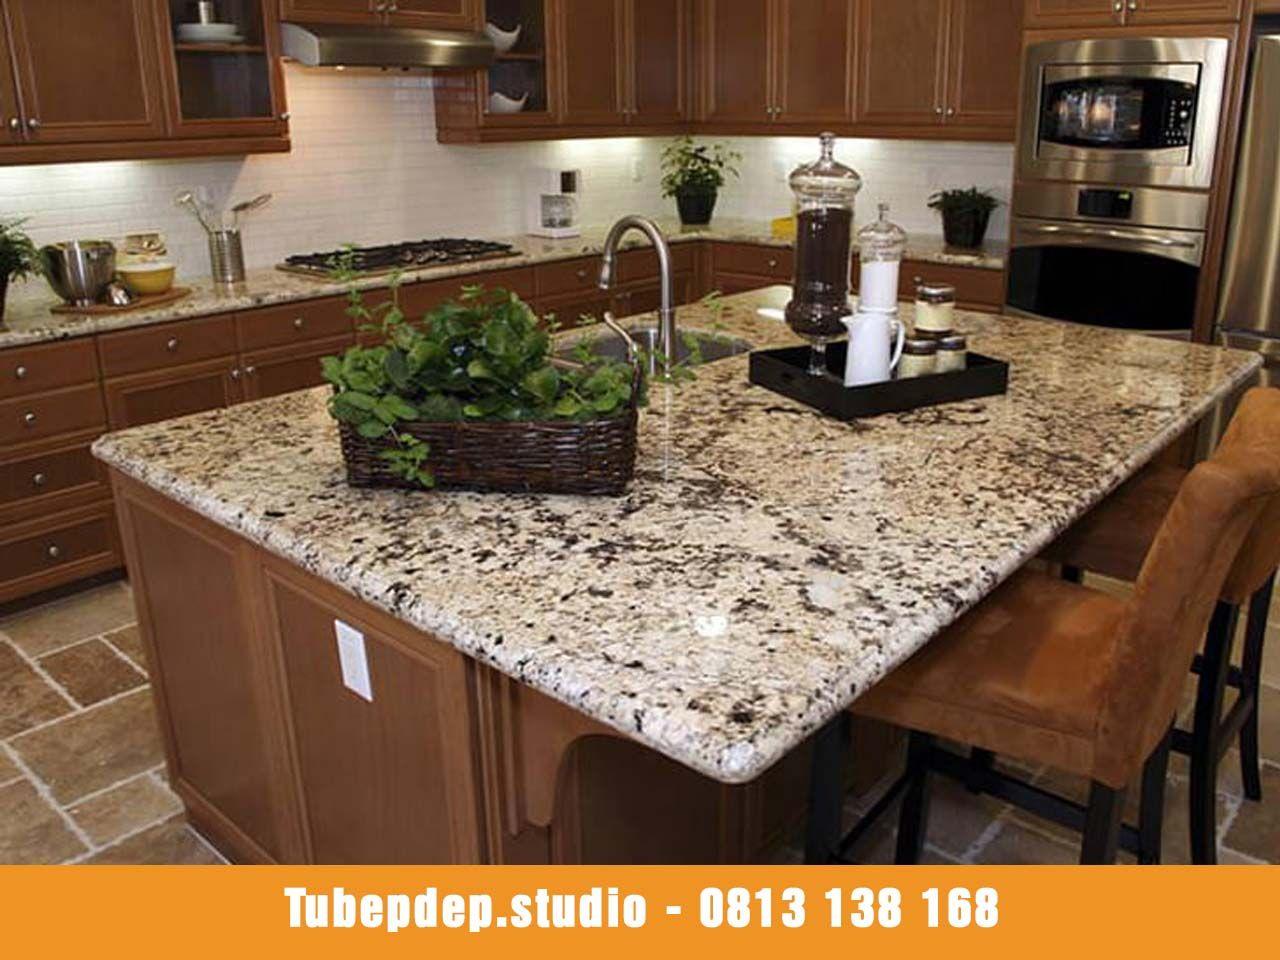 Các loại đá thường được sử dụng để ốp bàn bếp